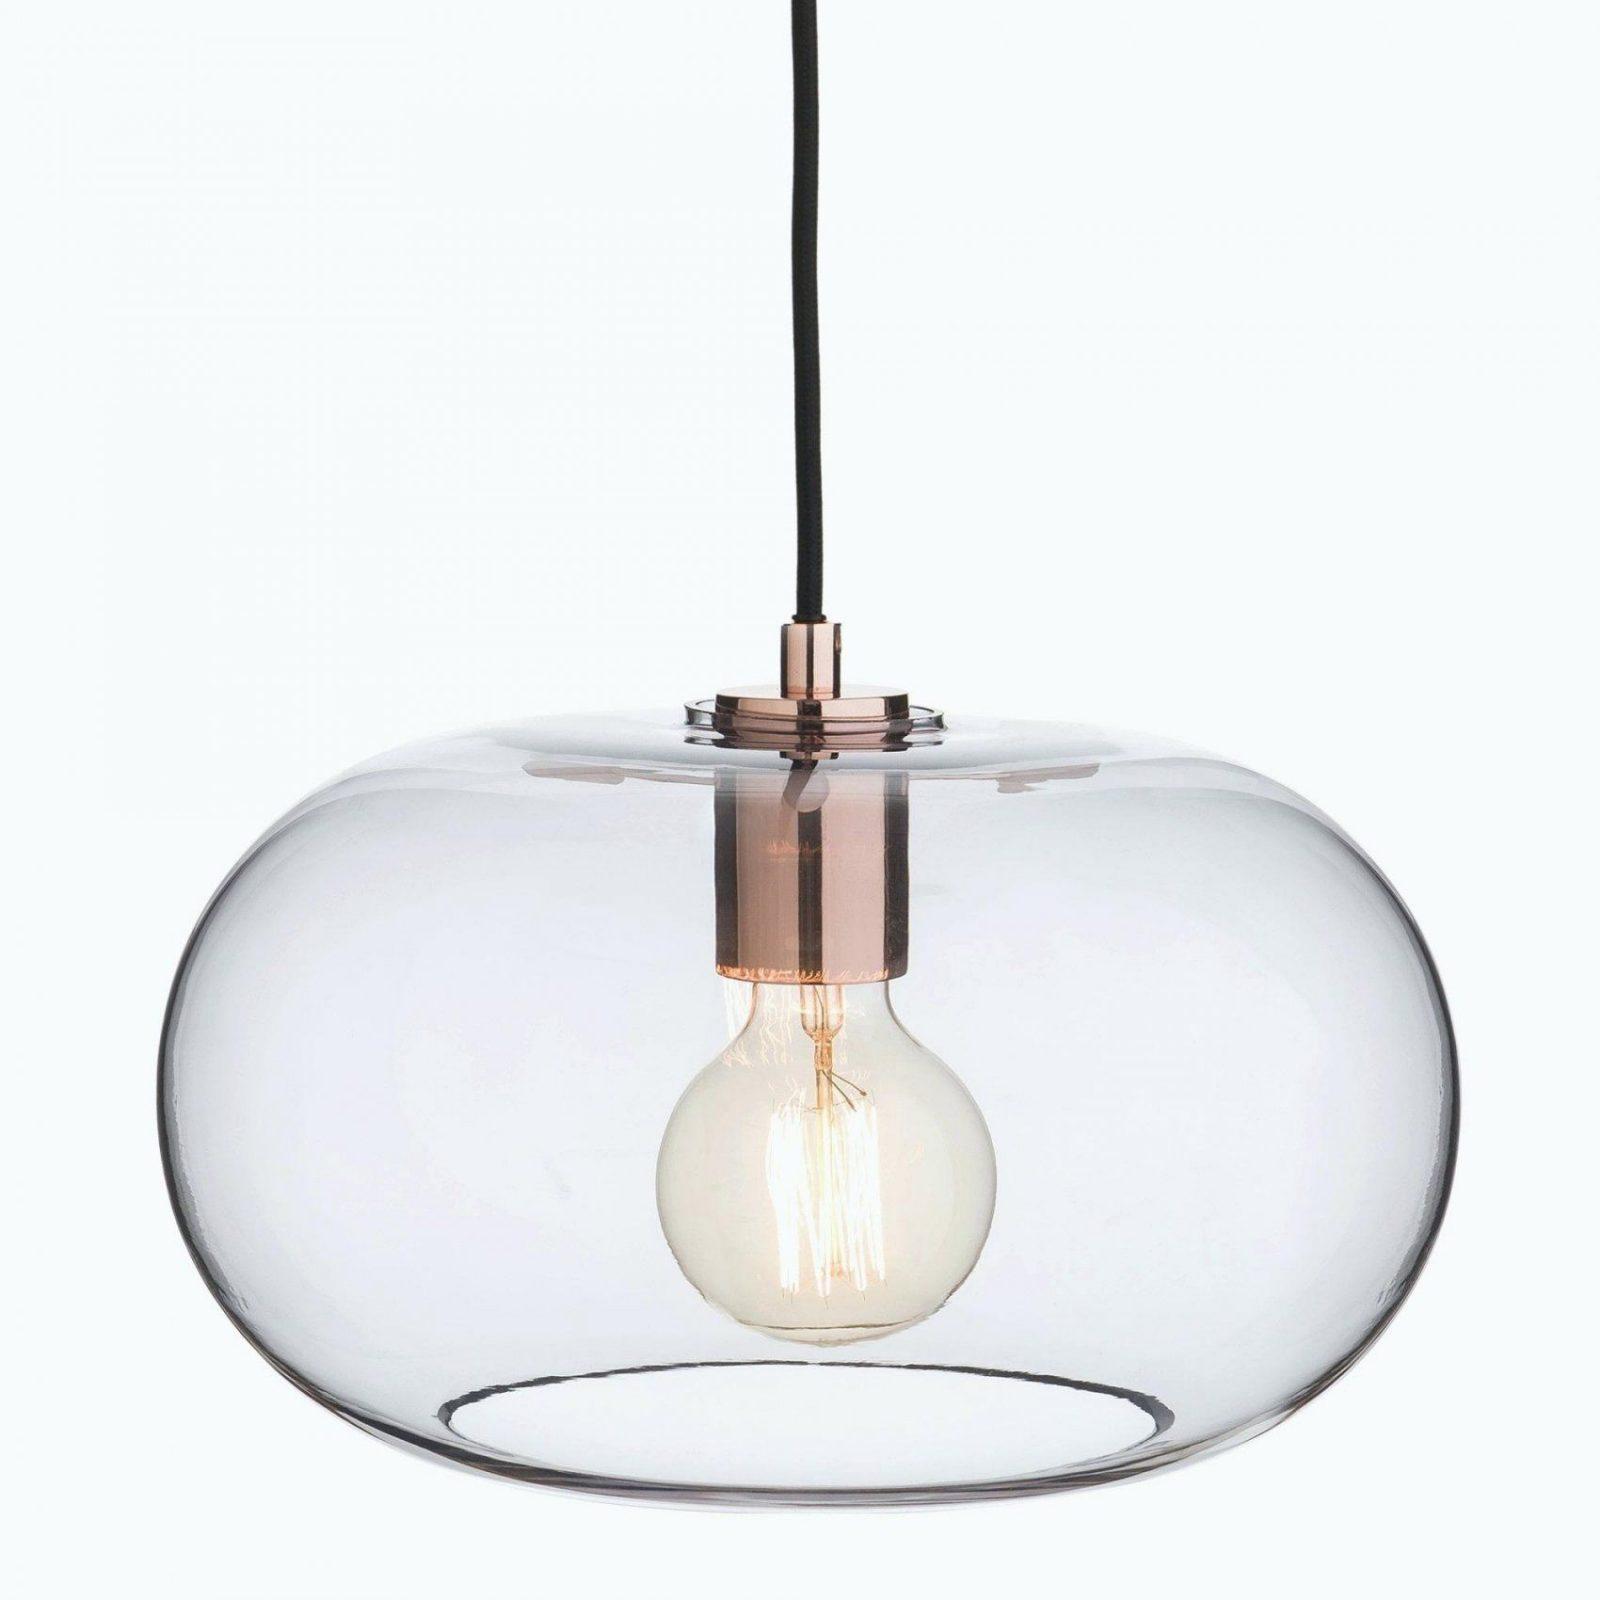 Lampe Kupfer Grau Haengelampe Louns Aus Kupferrohr Bauen Glas von Ikea Lampe Schwarz Kupfer Photo